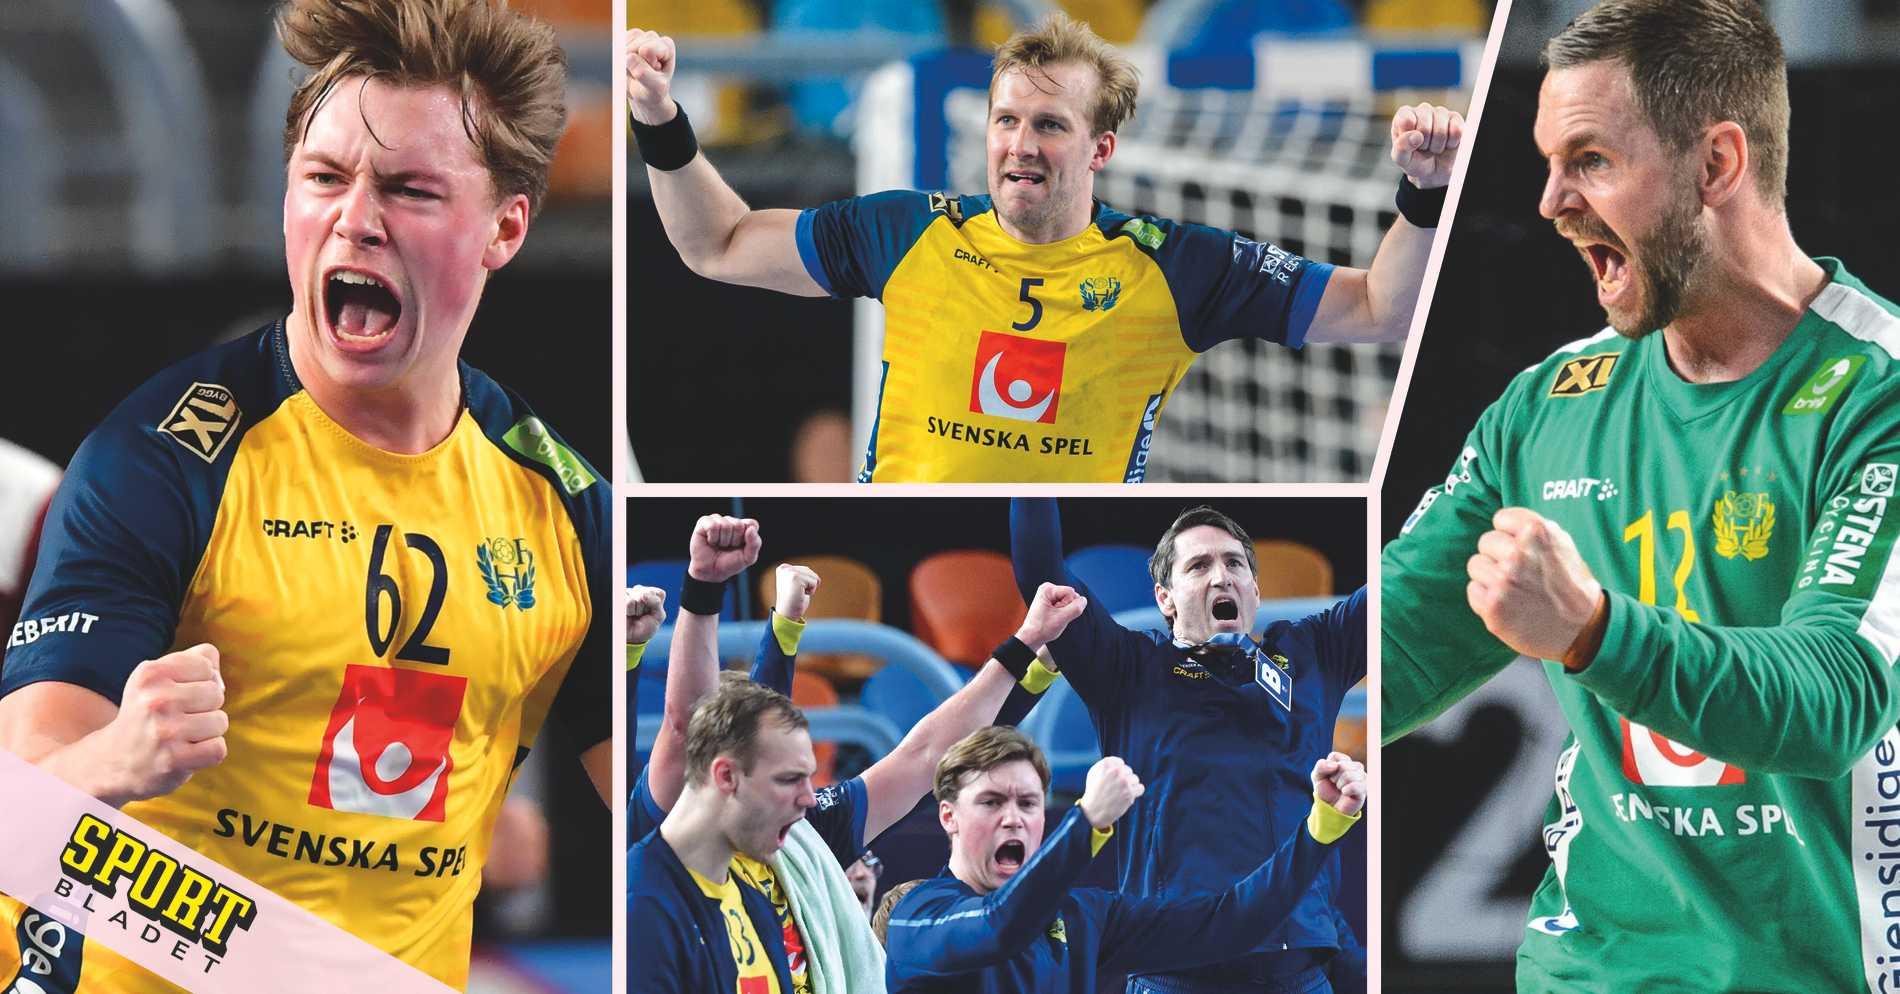 Sverige klart för semifinal i handbolls-VM